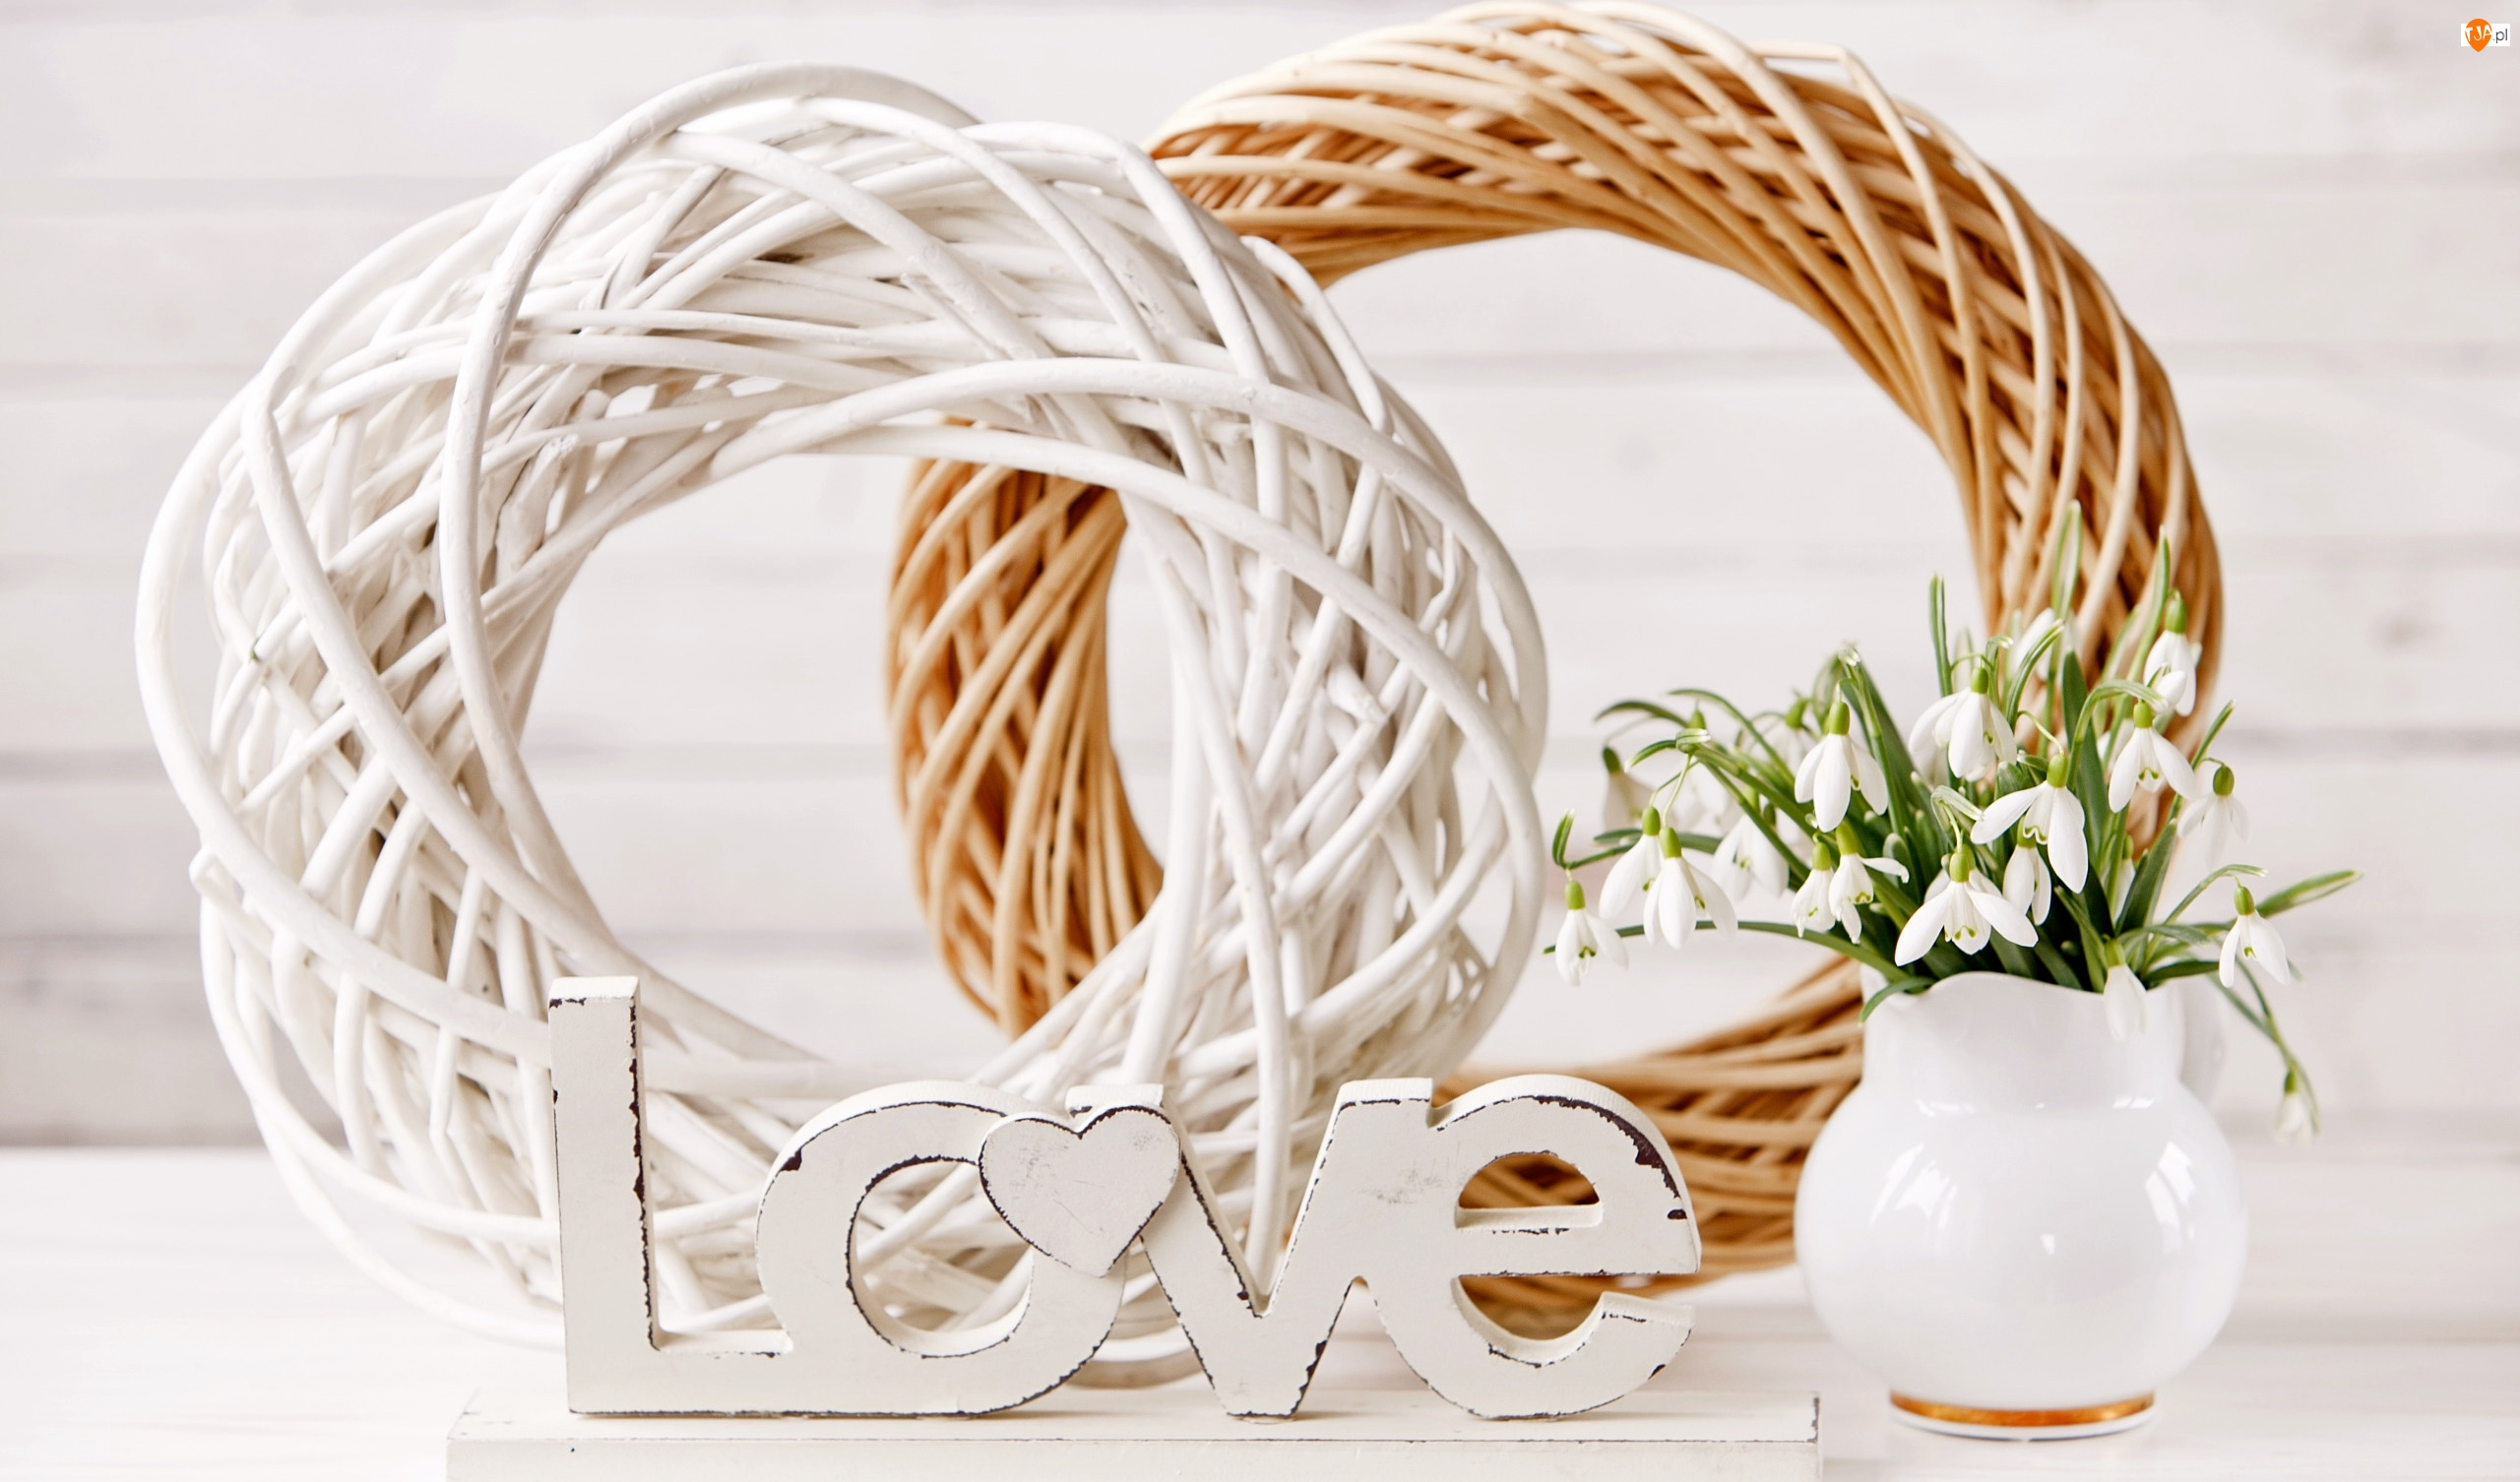 Kwiaty, Miłosne, Love, Przebiśniegi, Wianki, Wazonik, Kompozycja, Napis